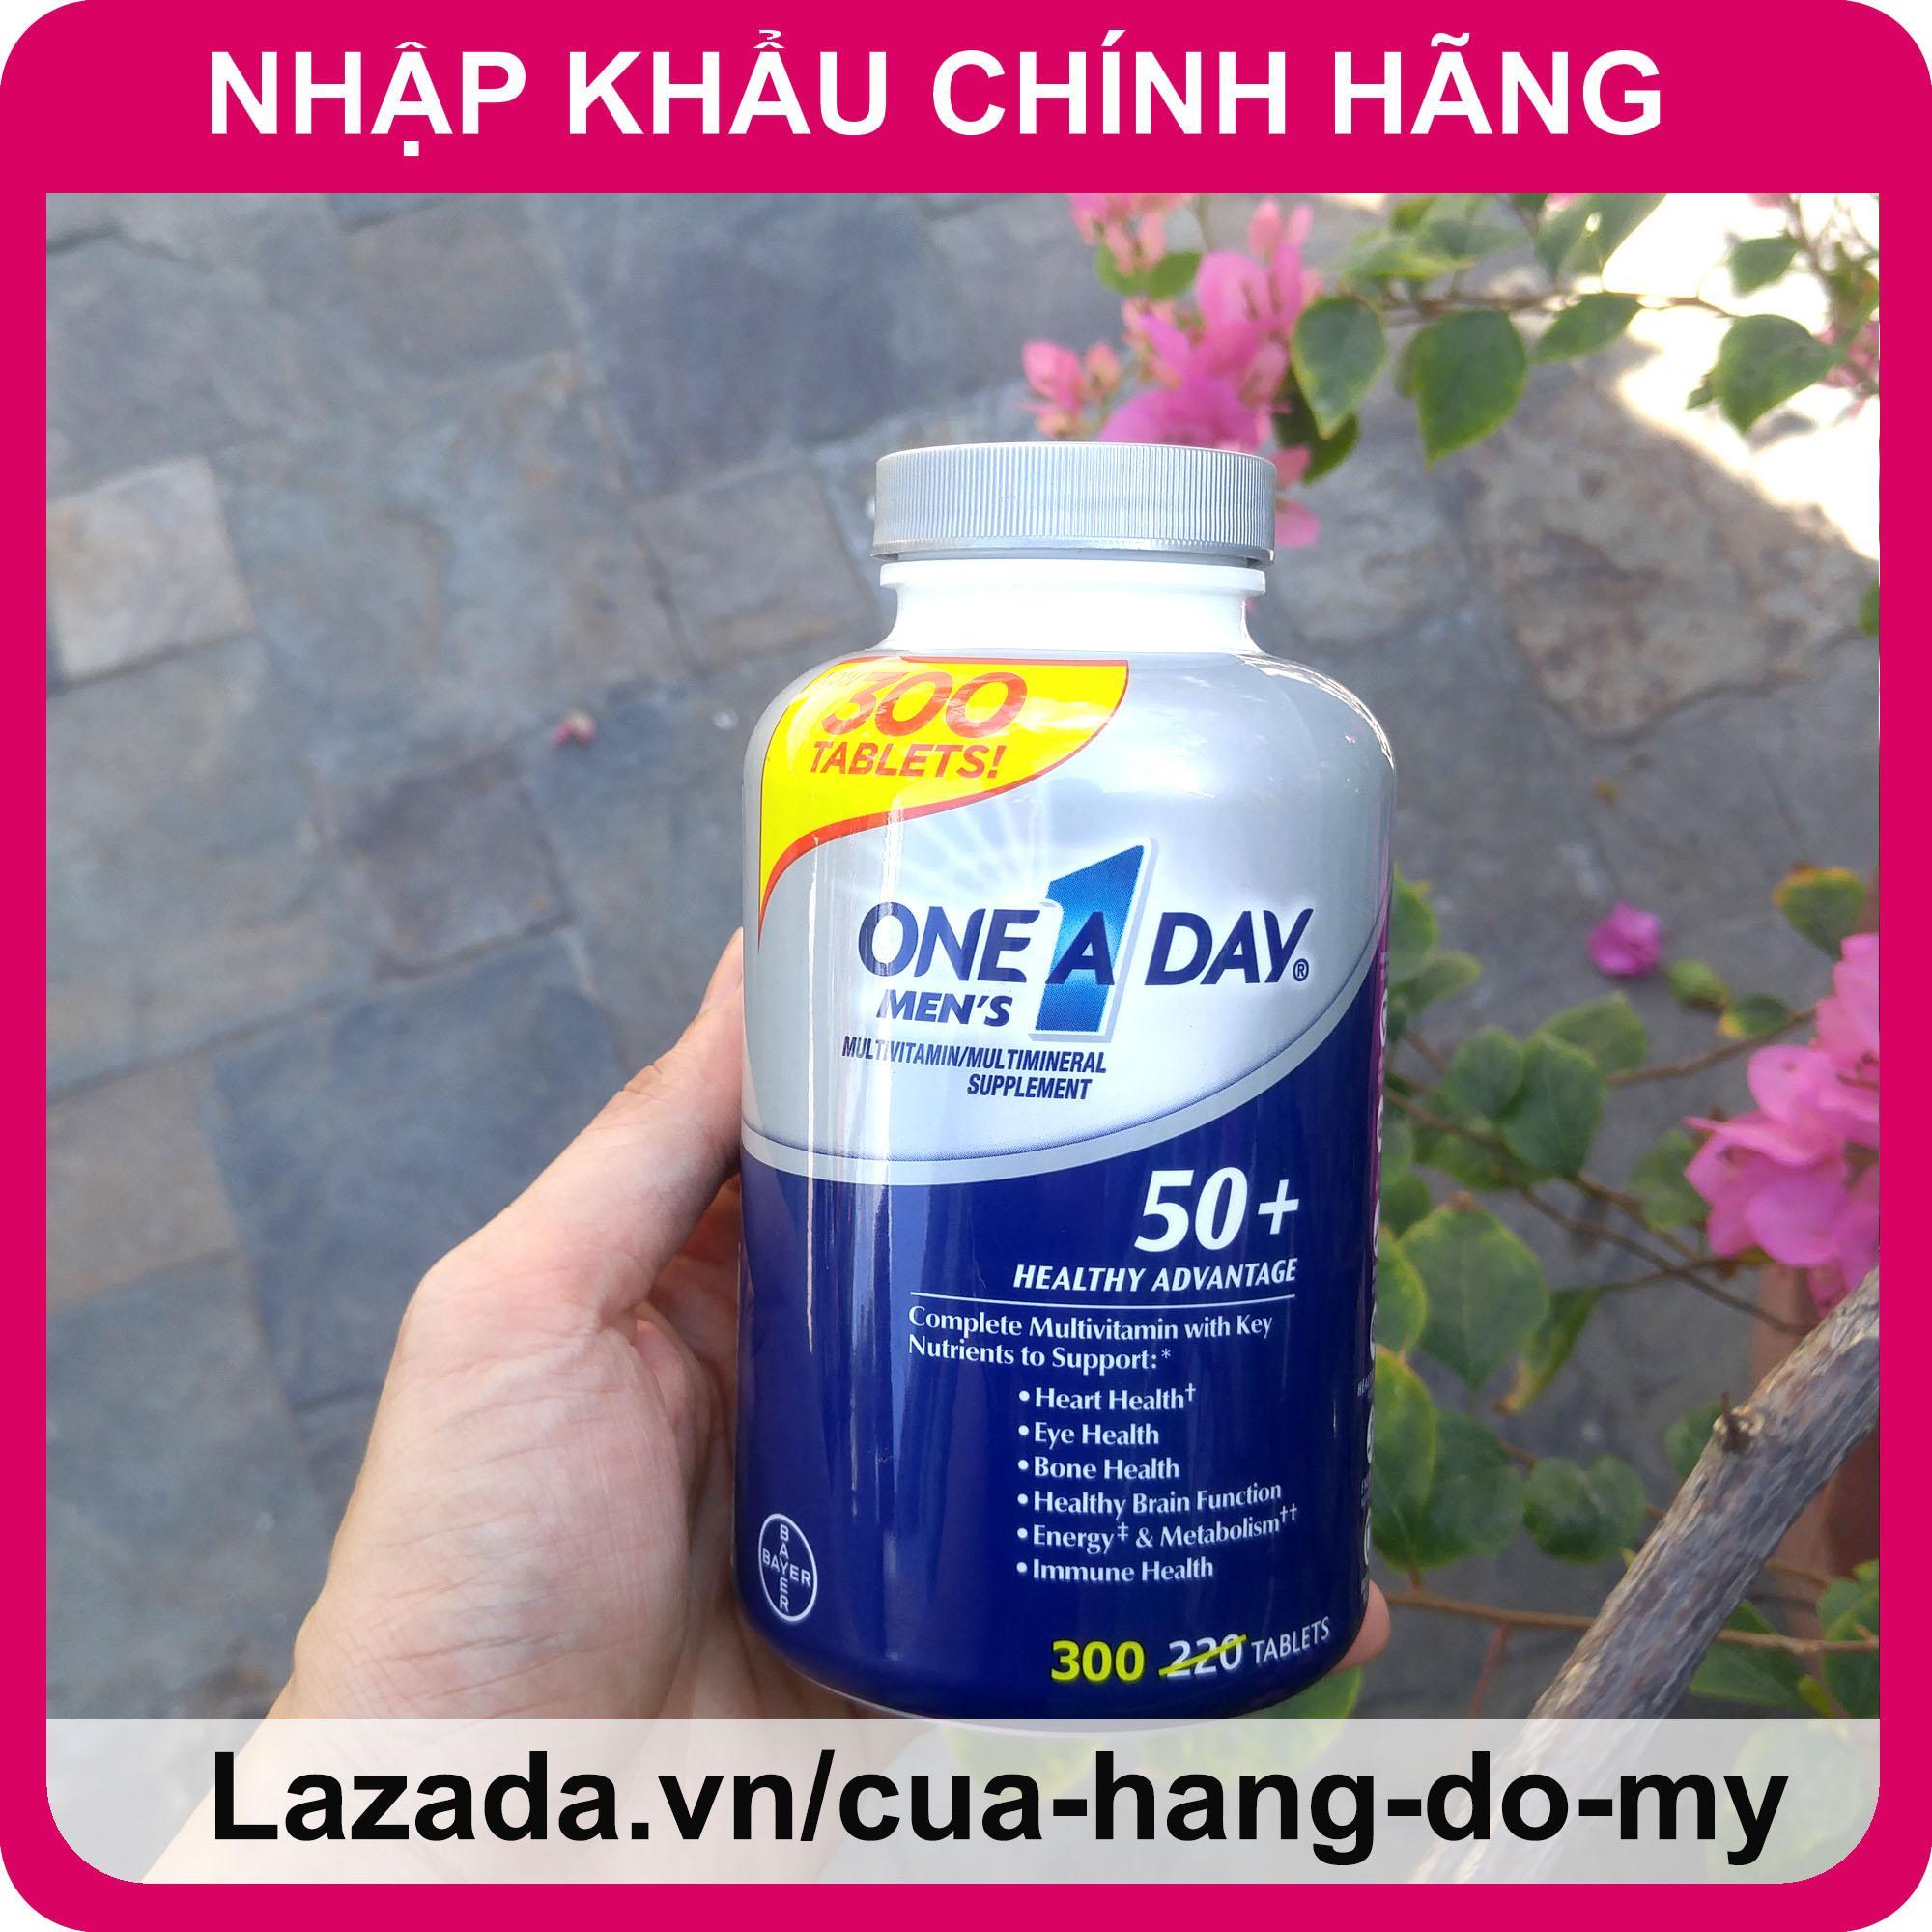 Vitamin Tổng Hợp One A Day Men's 50+  cho nam giới trên 50 tuổi 300 viên, bổ sung năng lượng cho cơ thể phòng ngừa bệnh tật